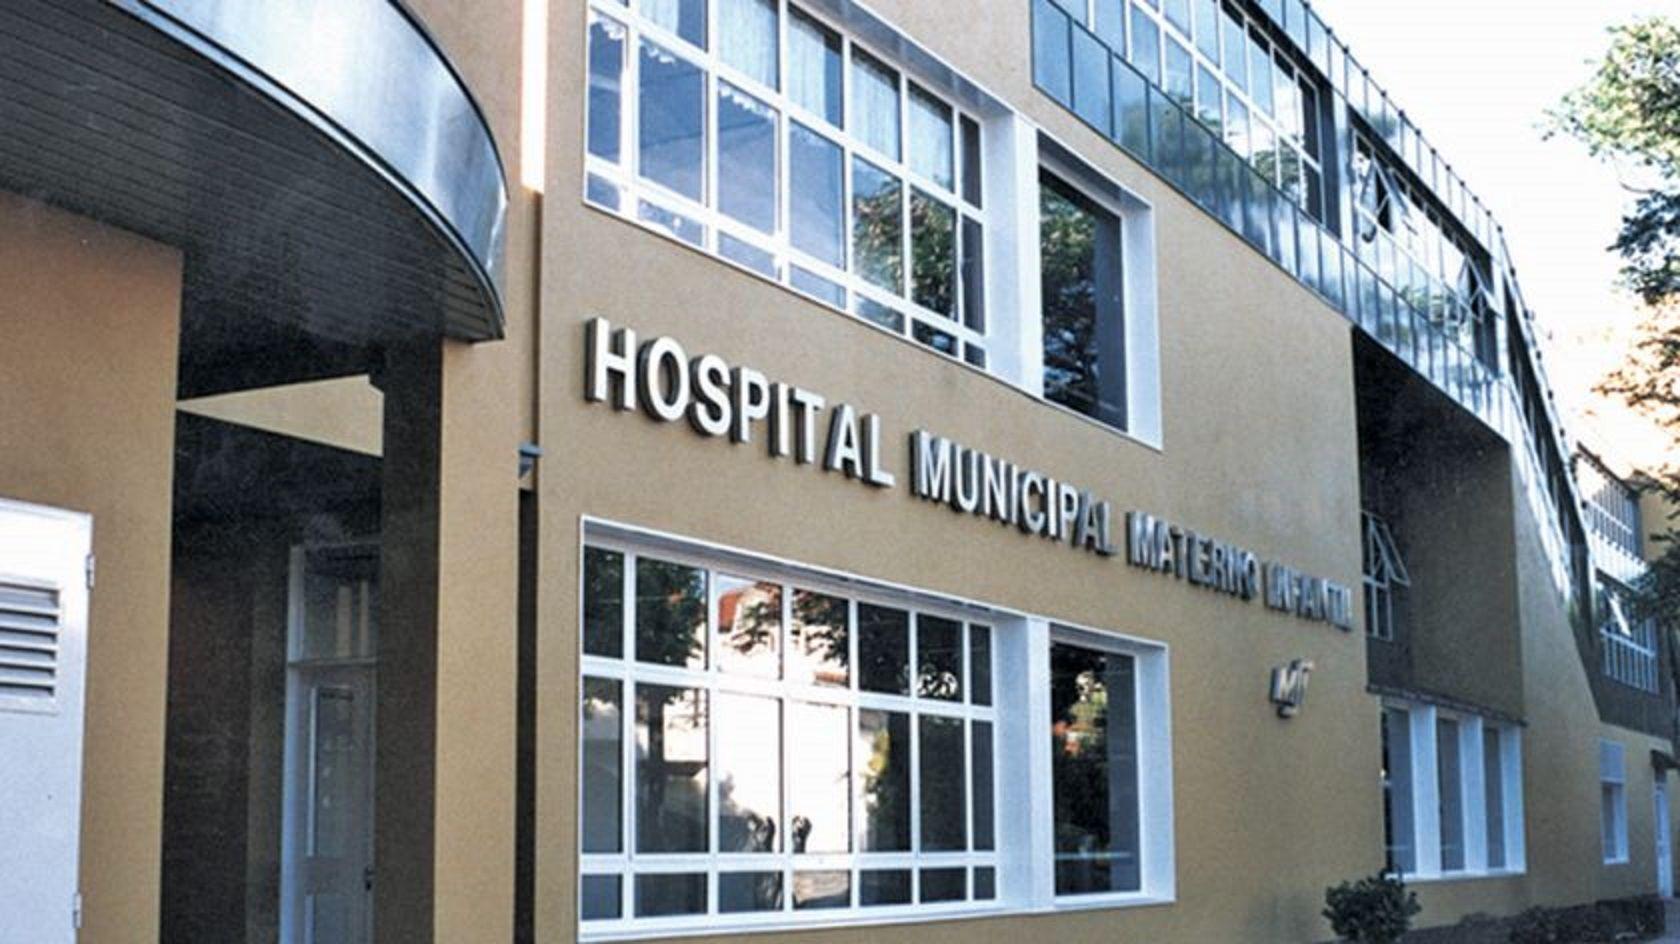 La nena fue ingresada al Hospital Materno Infantil de San Isidro donde recibió asistencia psicológica.